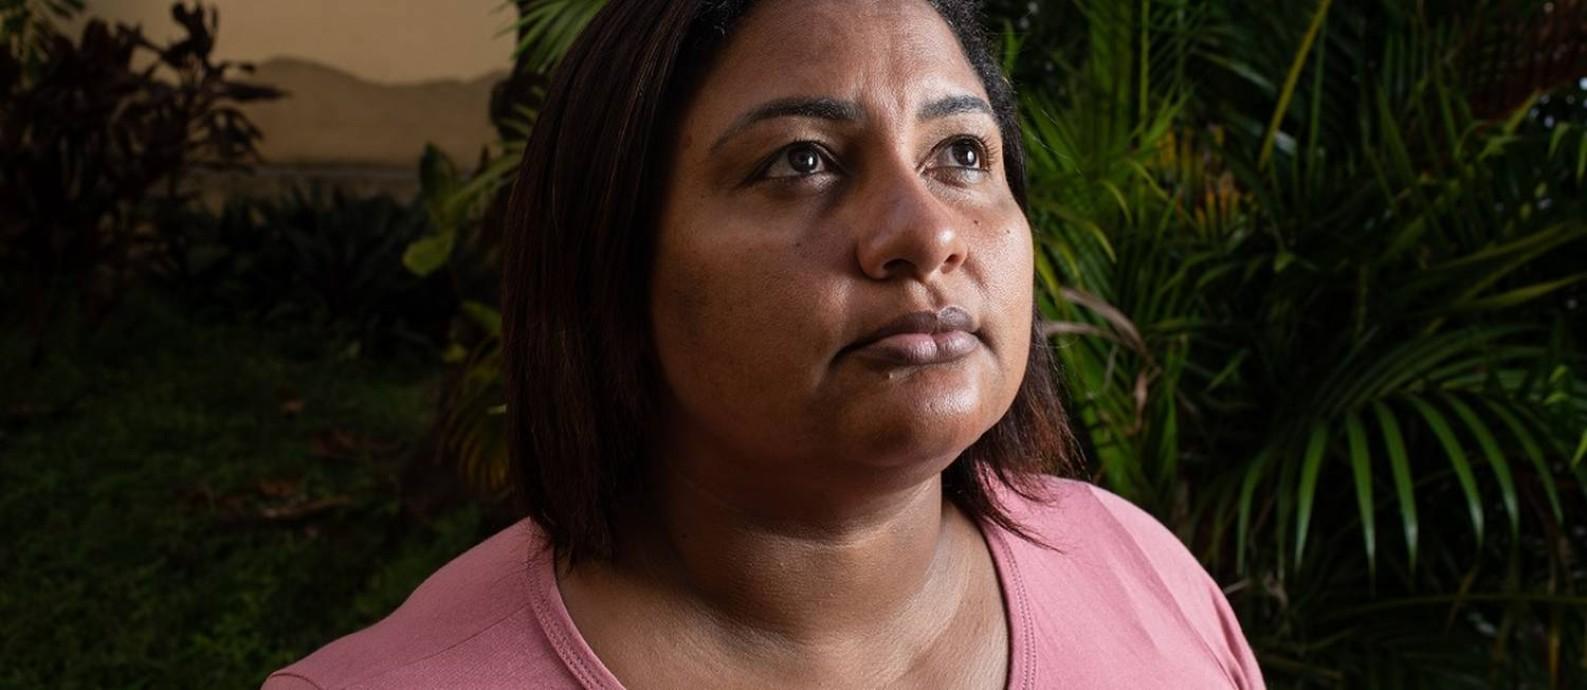 Luciane Nogueira, viúva do músico morto em Guadalupe Foto: Brenno Carvalho / Agência O Globo